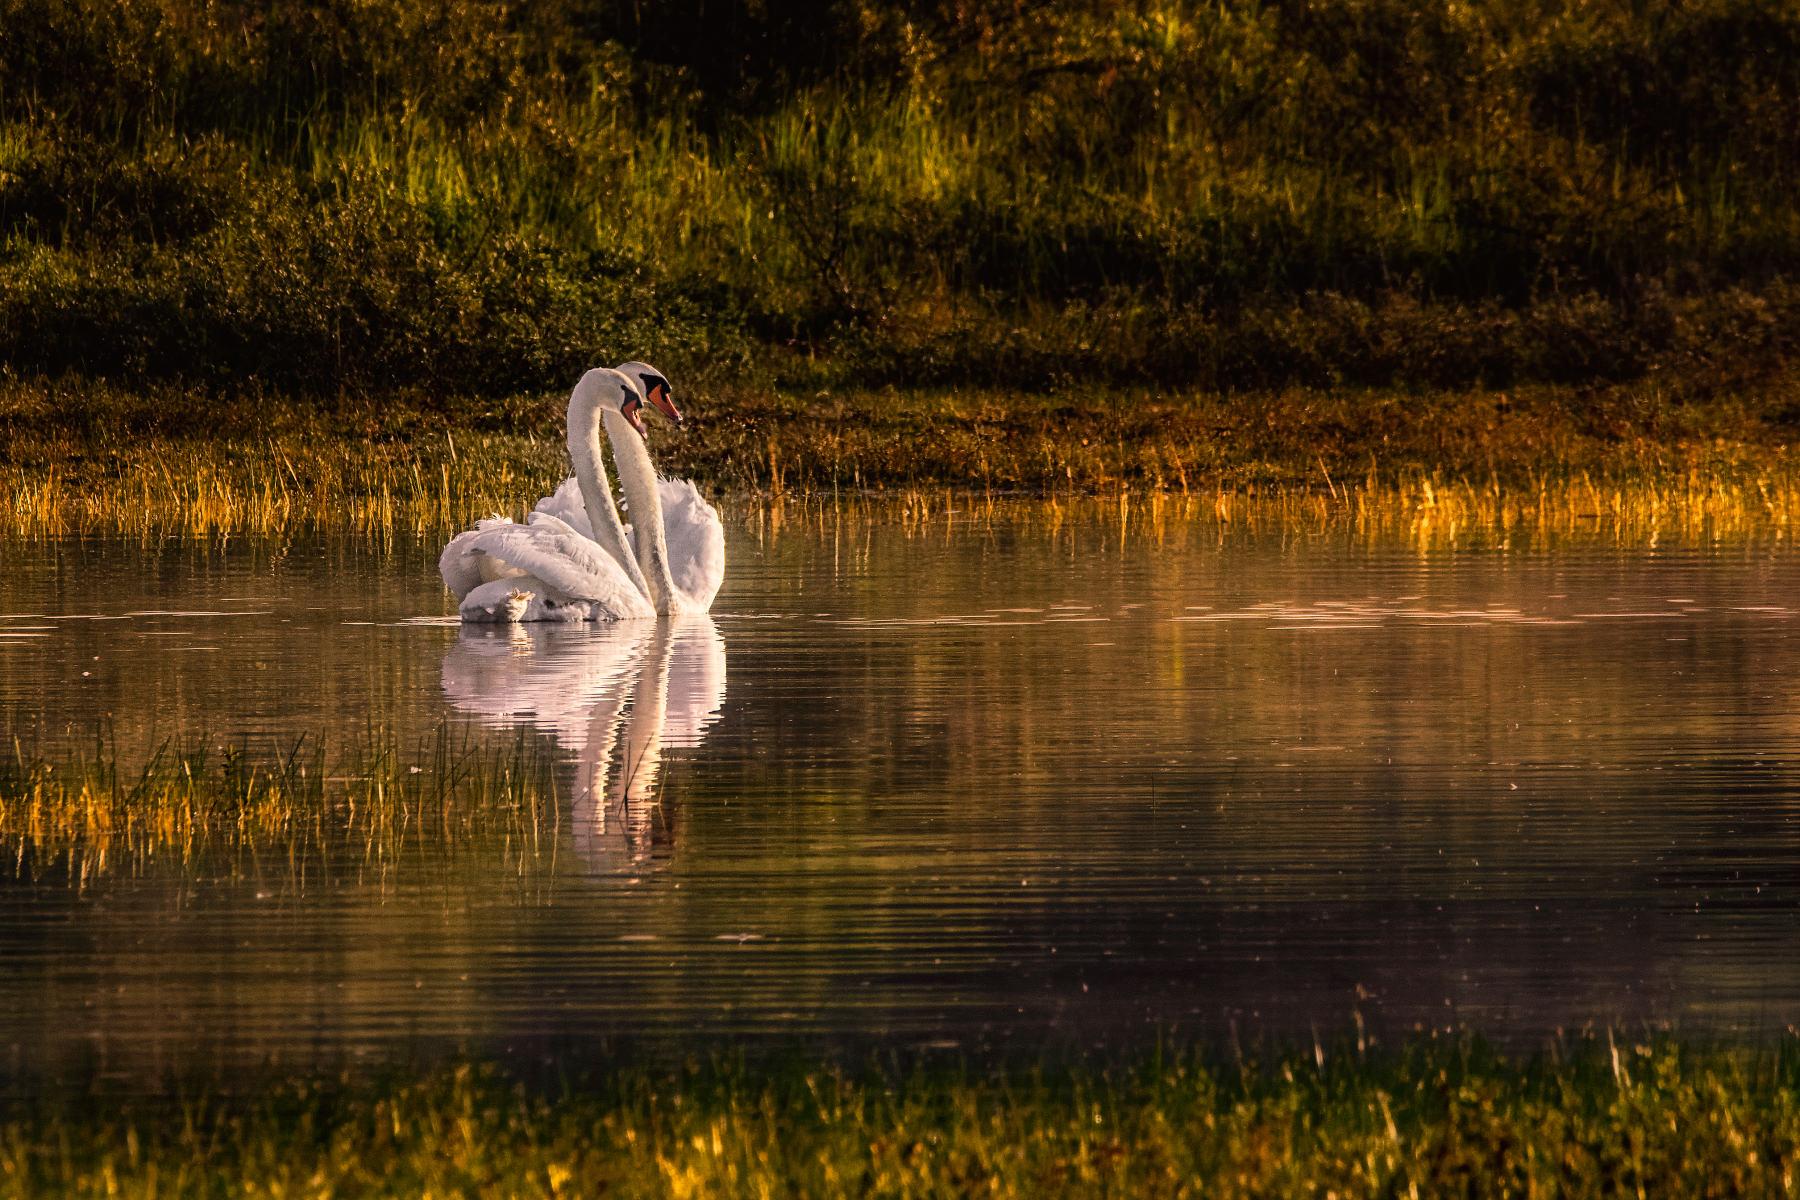 swans dancing a pas de deux